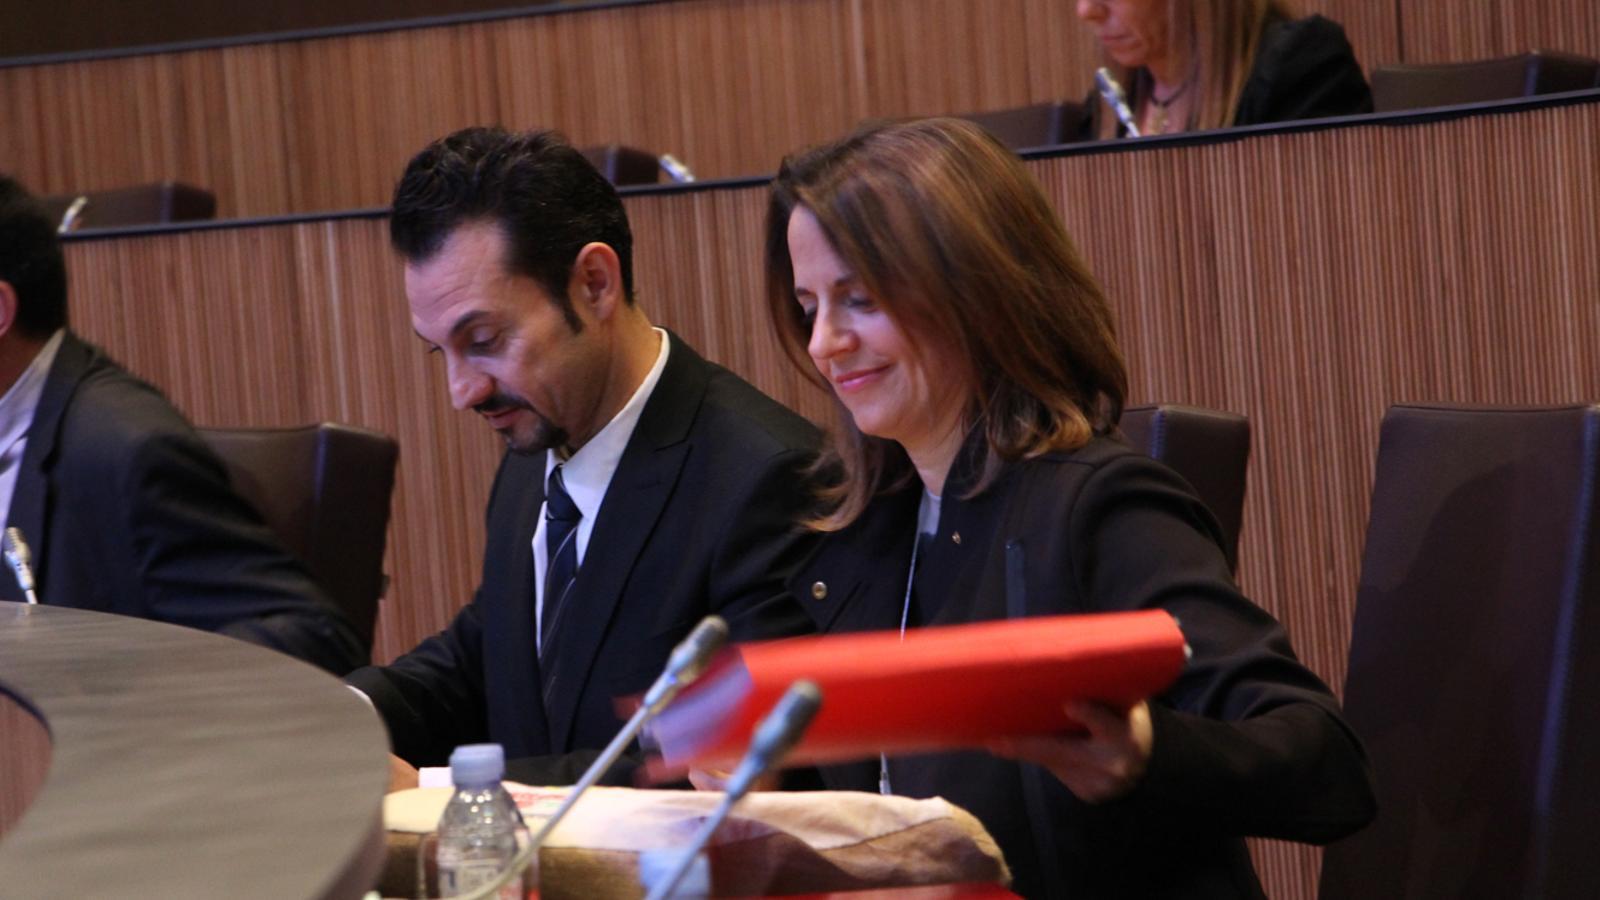 Els consellers generals del PS, Gerard Alís i Rosa Gili, durant la sessió ordinària del Consell General aquest dijous. / M. M. (ANA)